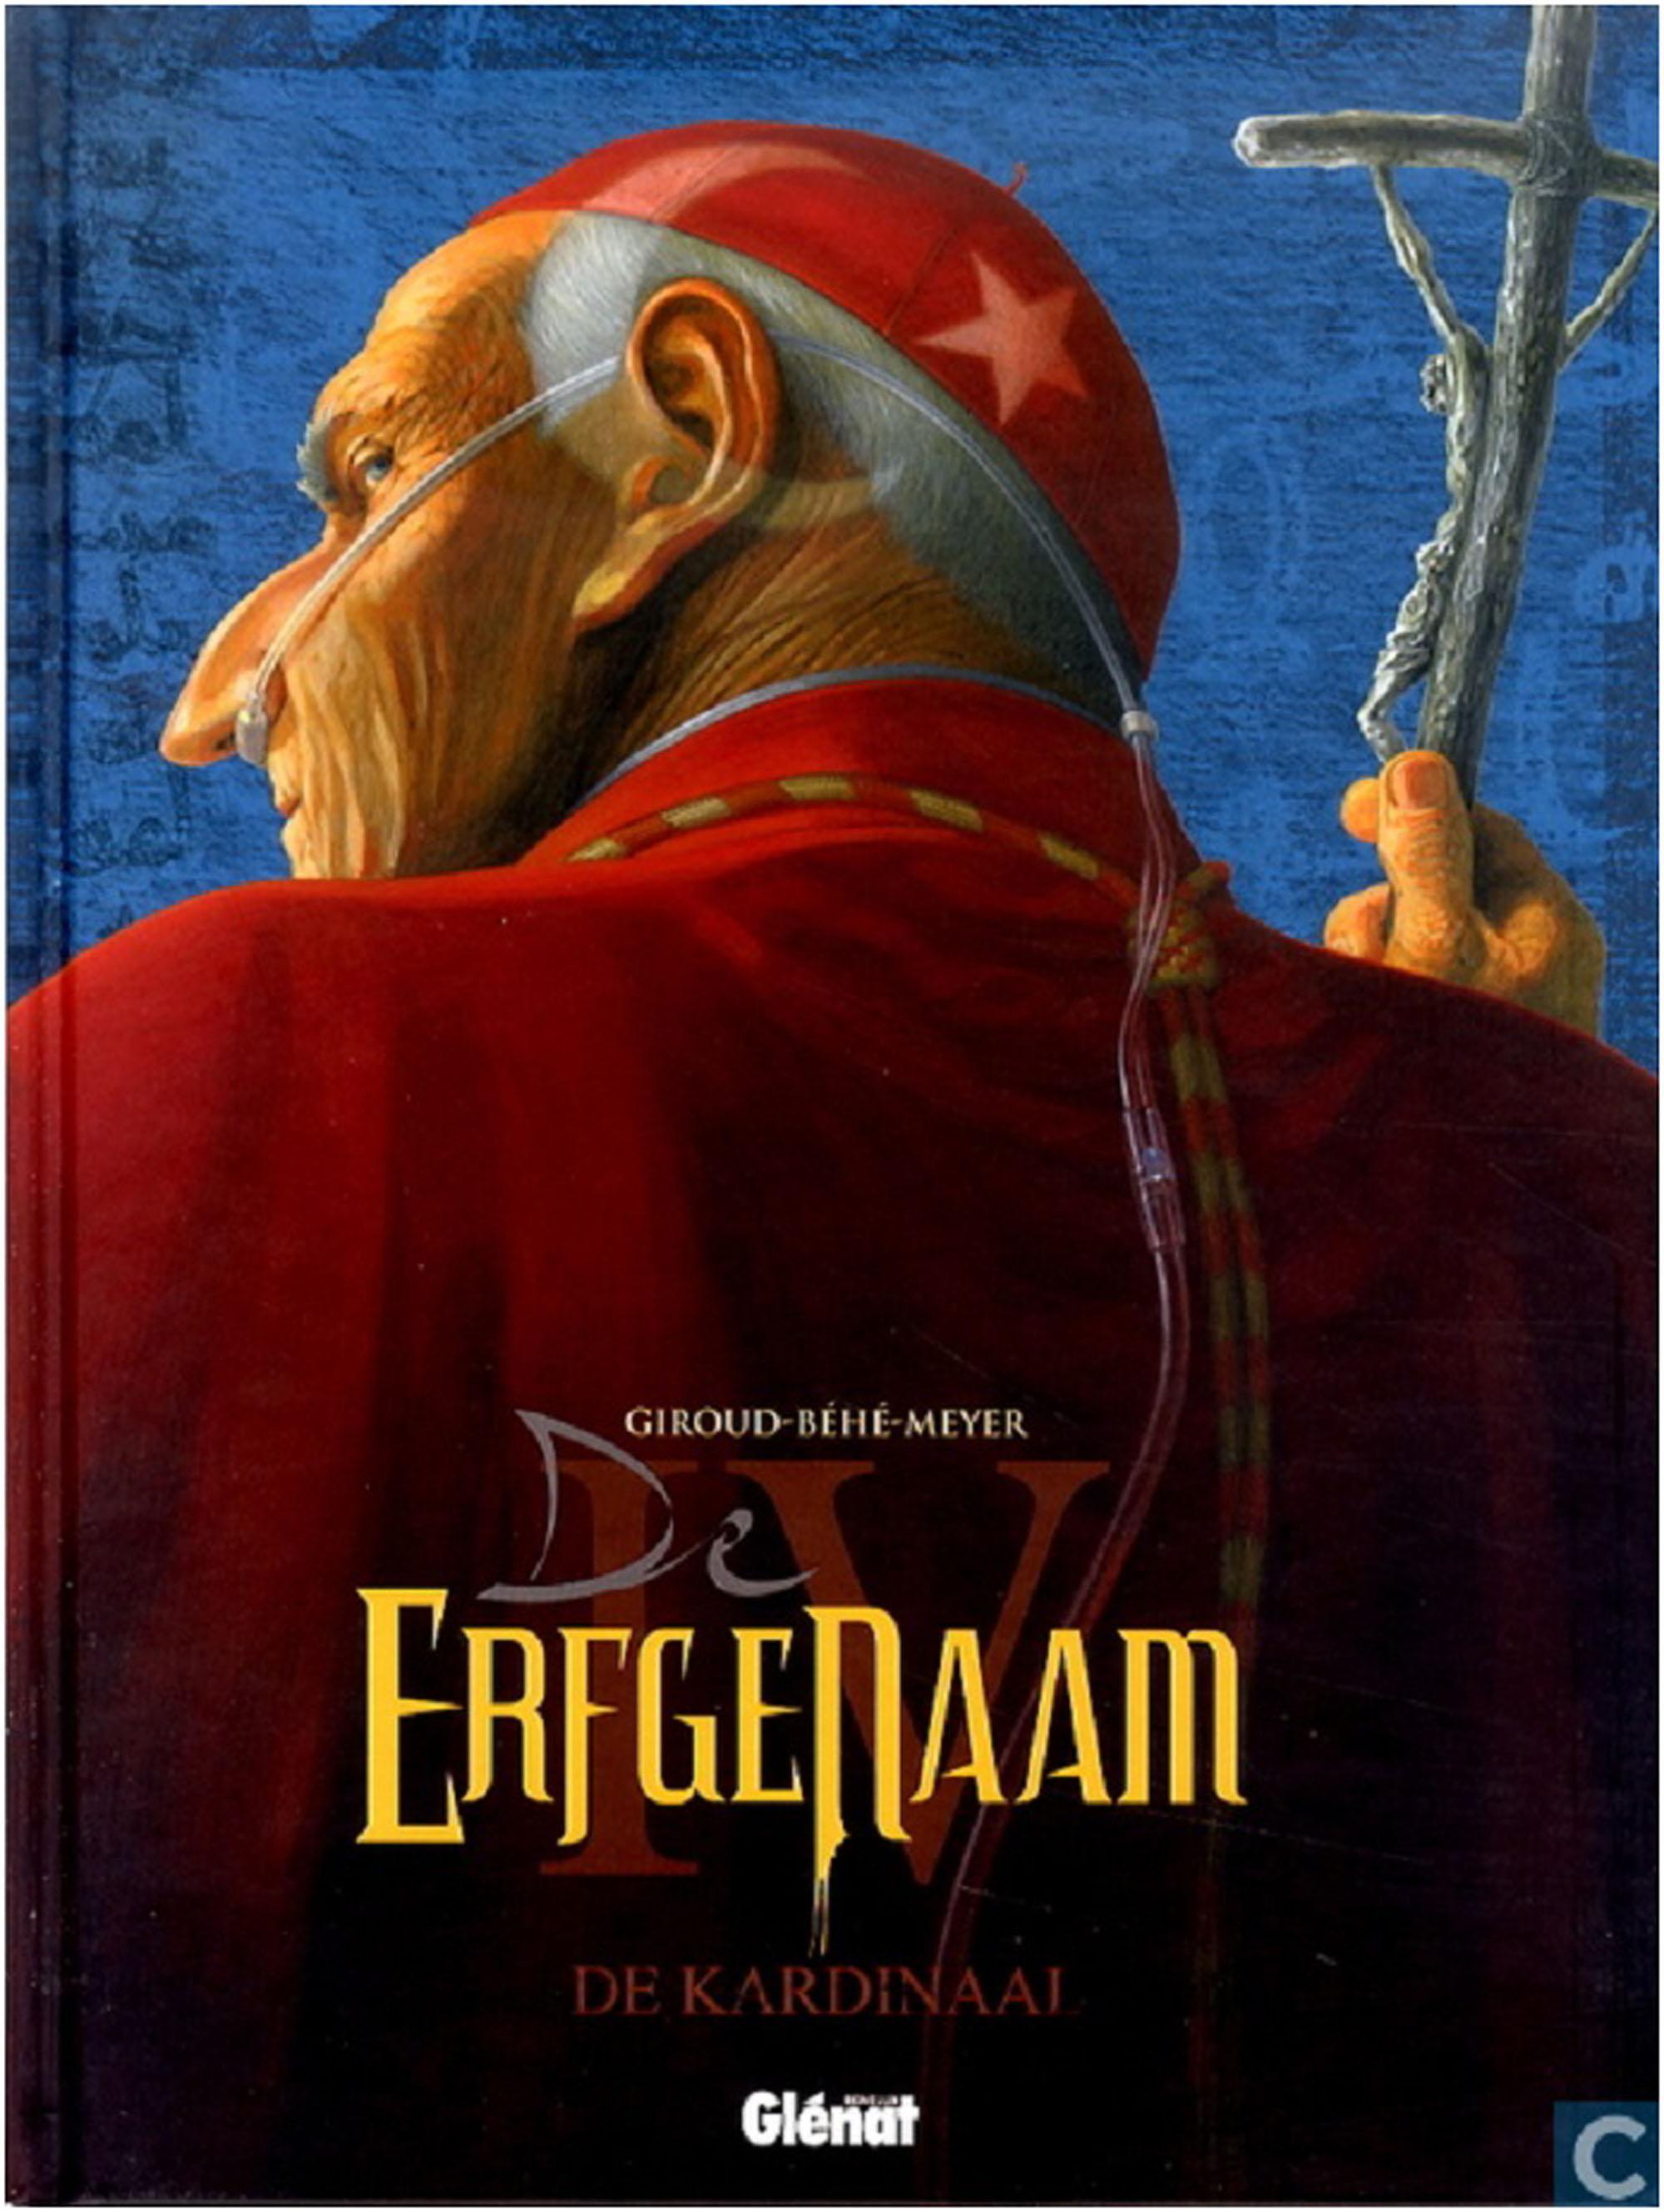 De Erfgenaam - 04 - De Kardinaal